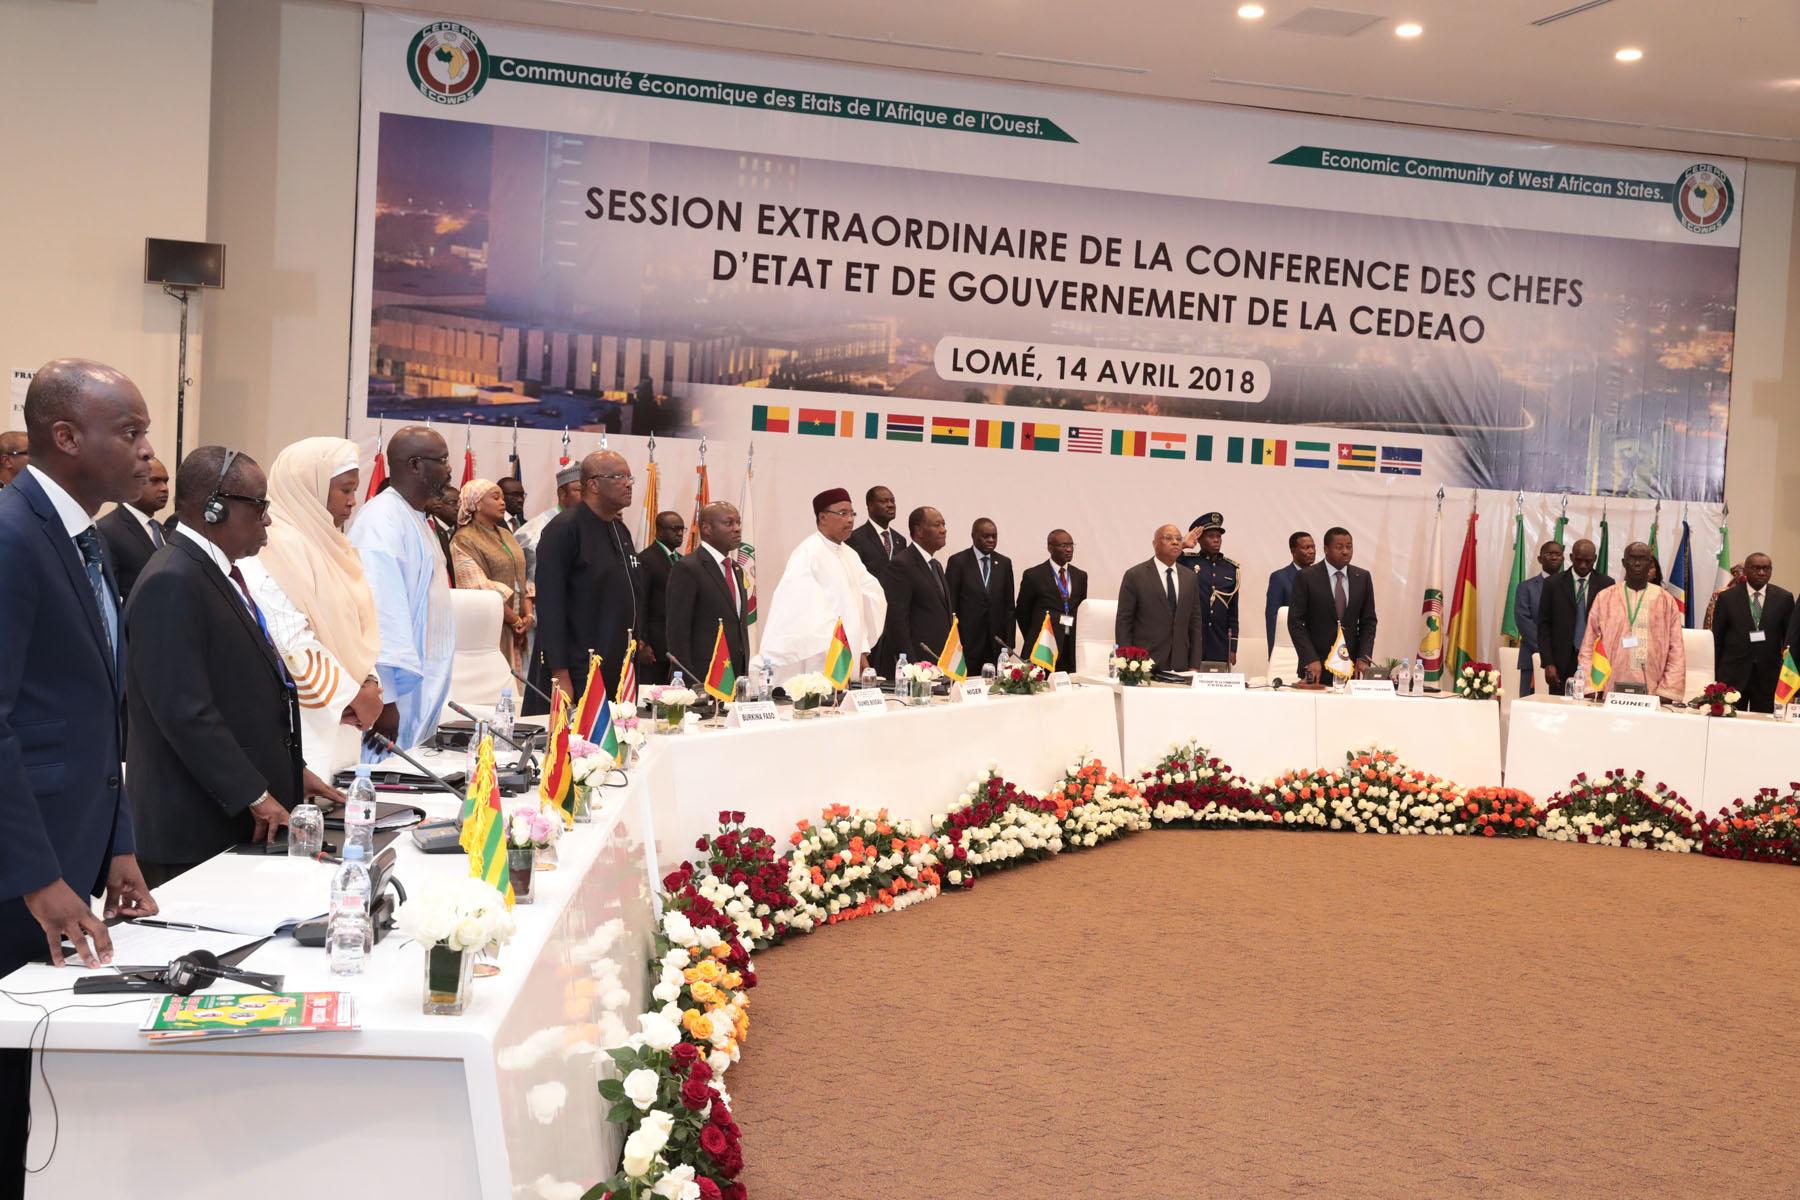 Le Chef de l'Etat a pris part à un Sommet extraordinaire des Chefs d'Etat et de Gouvernement de la CEDEAO, à Lomé